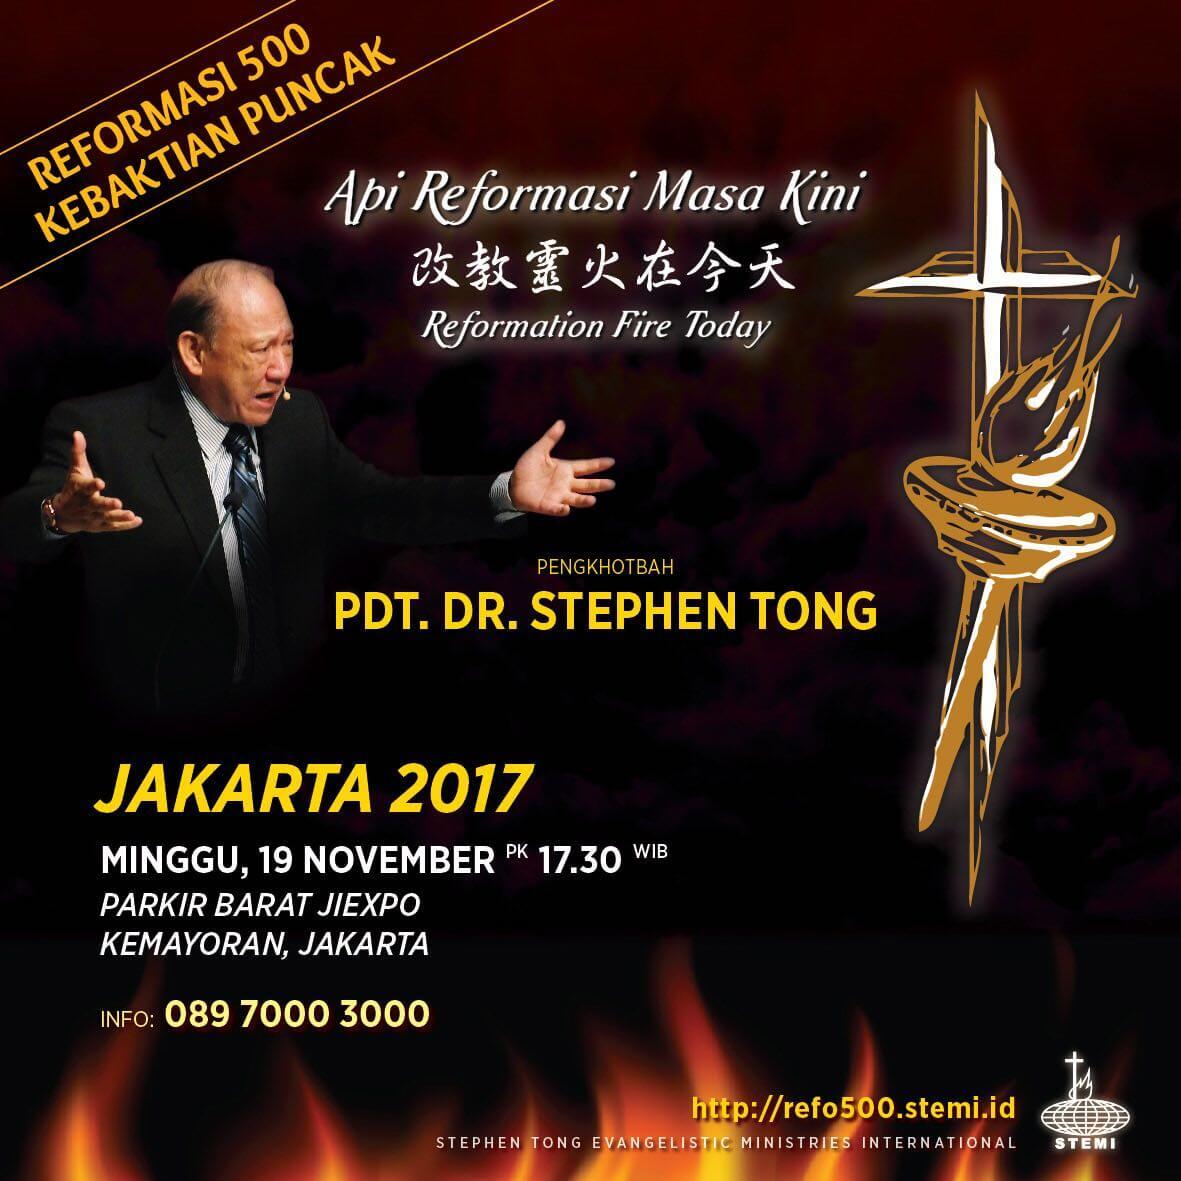 Kebaktian Puncak Reformasi 500 2017